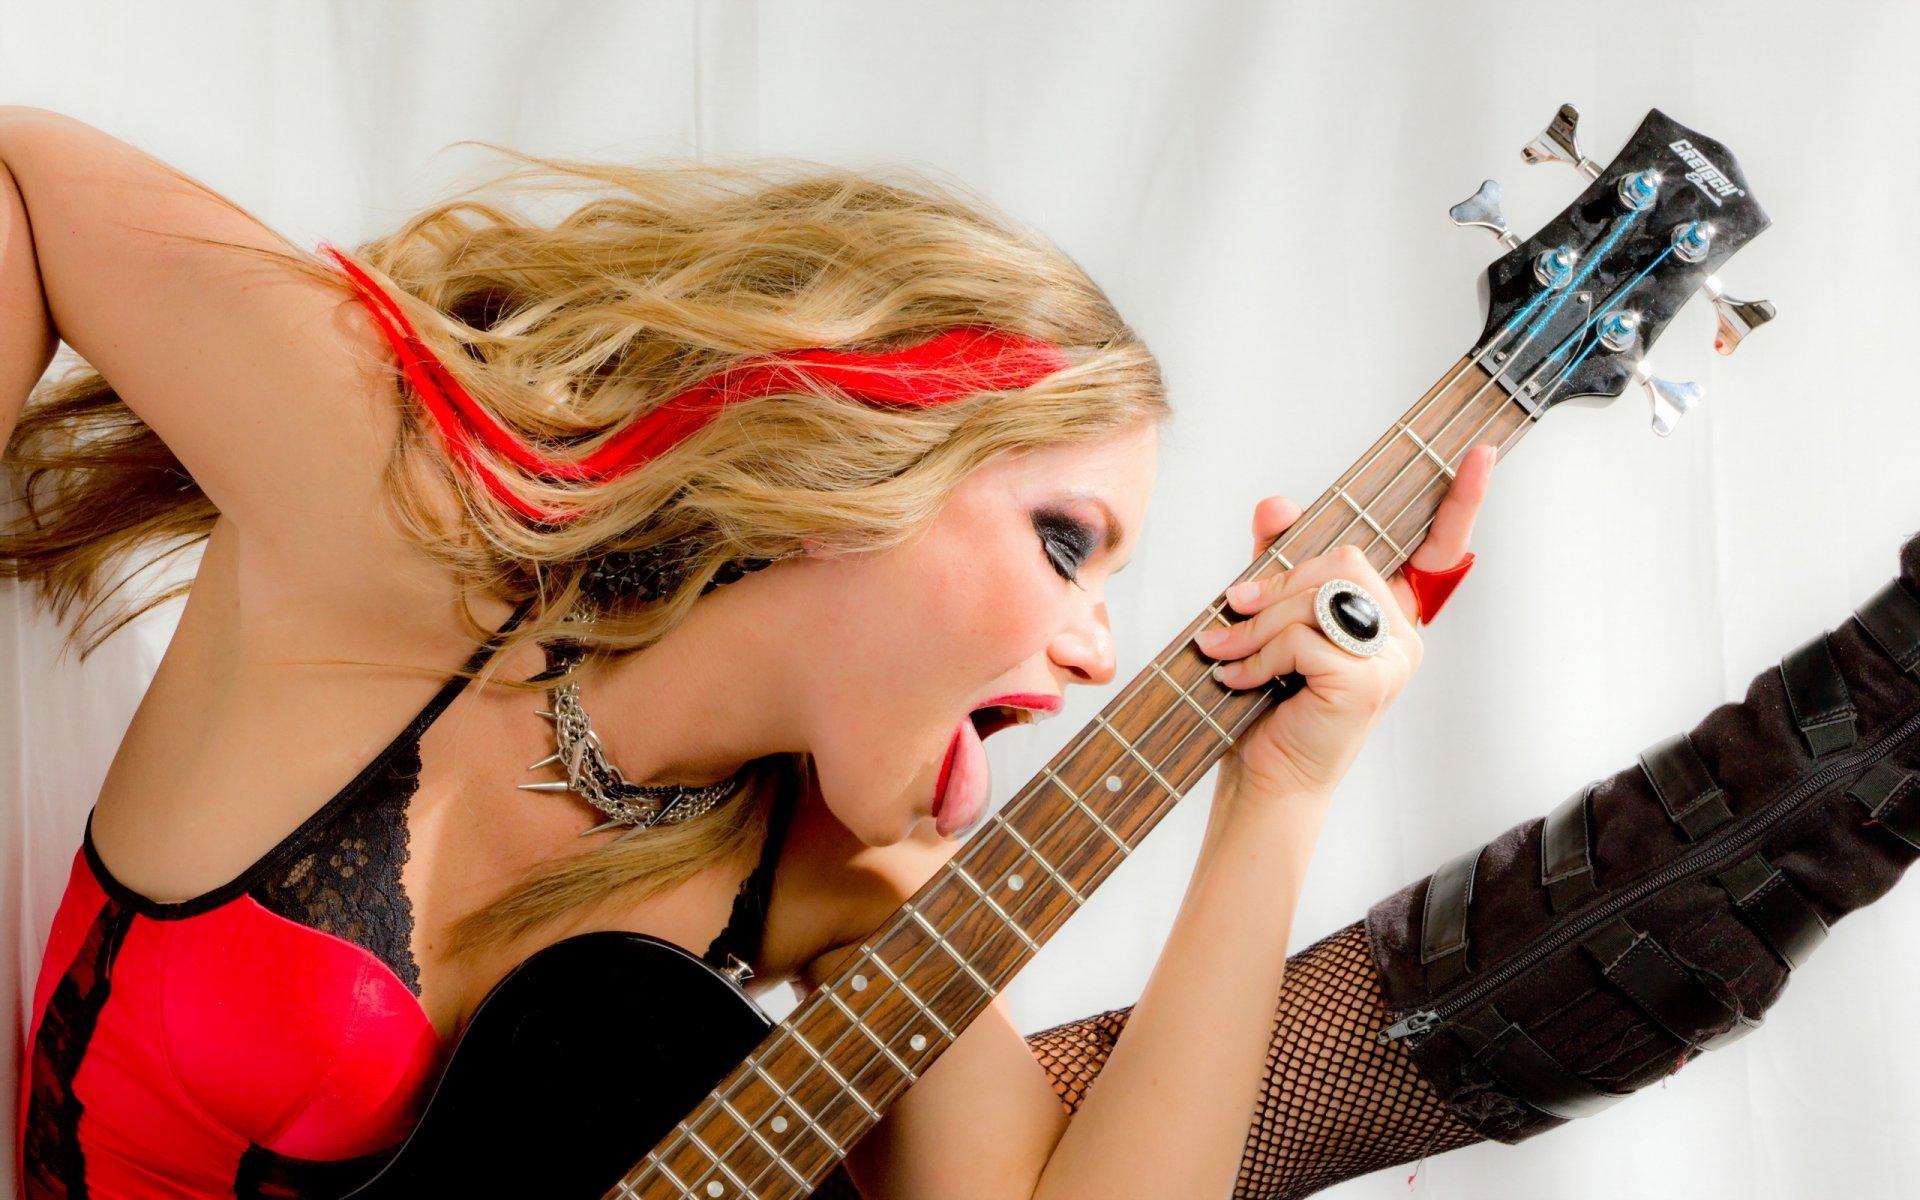 Трахнул на гитаре, Игра На Гитаре (найдено 47 порно видео роликов) 21 фотография